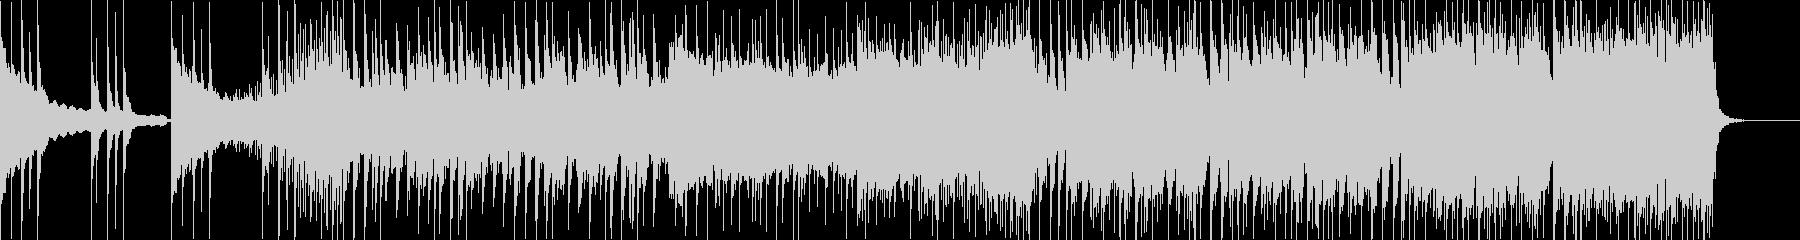 三味線+琴の近未来的でクールなEDMの未再生の波形